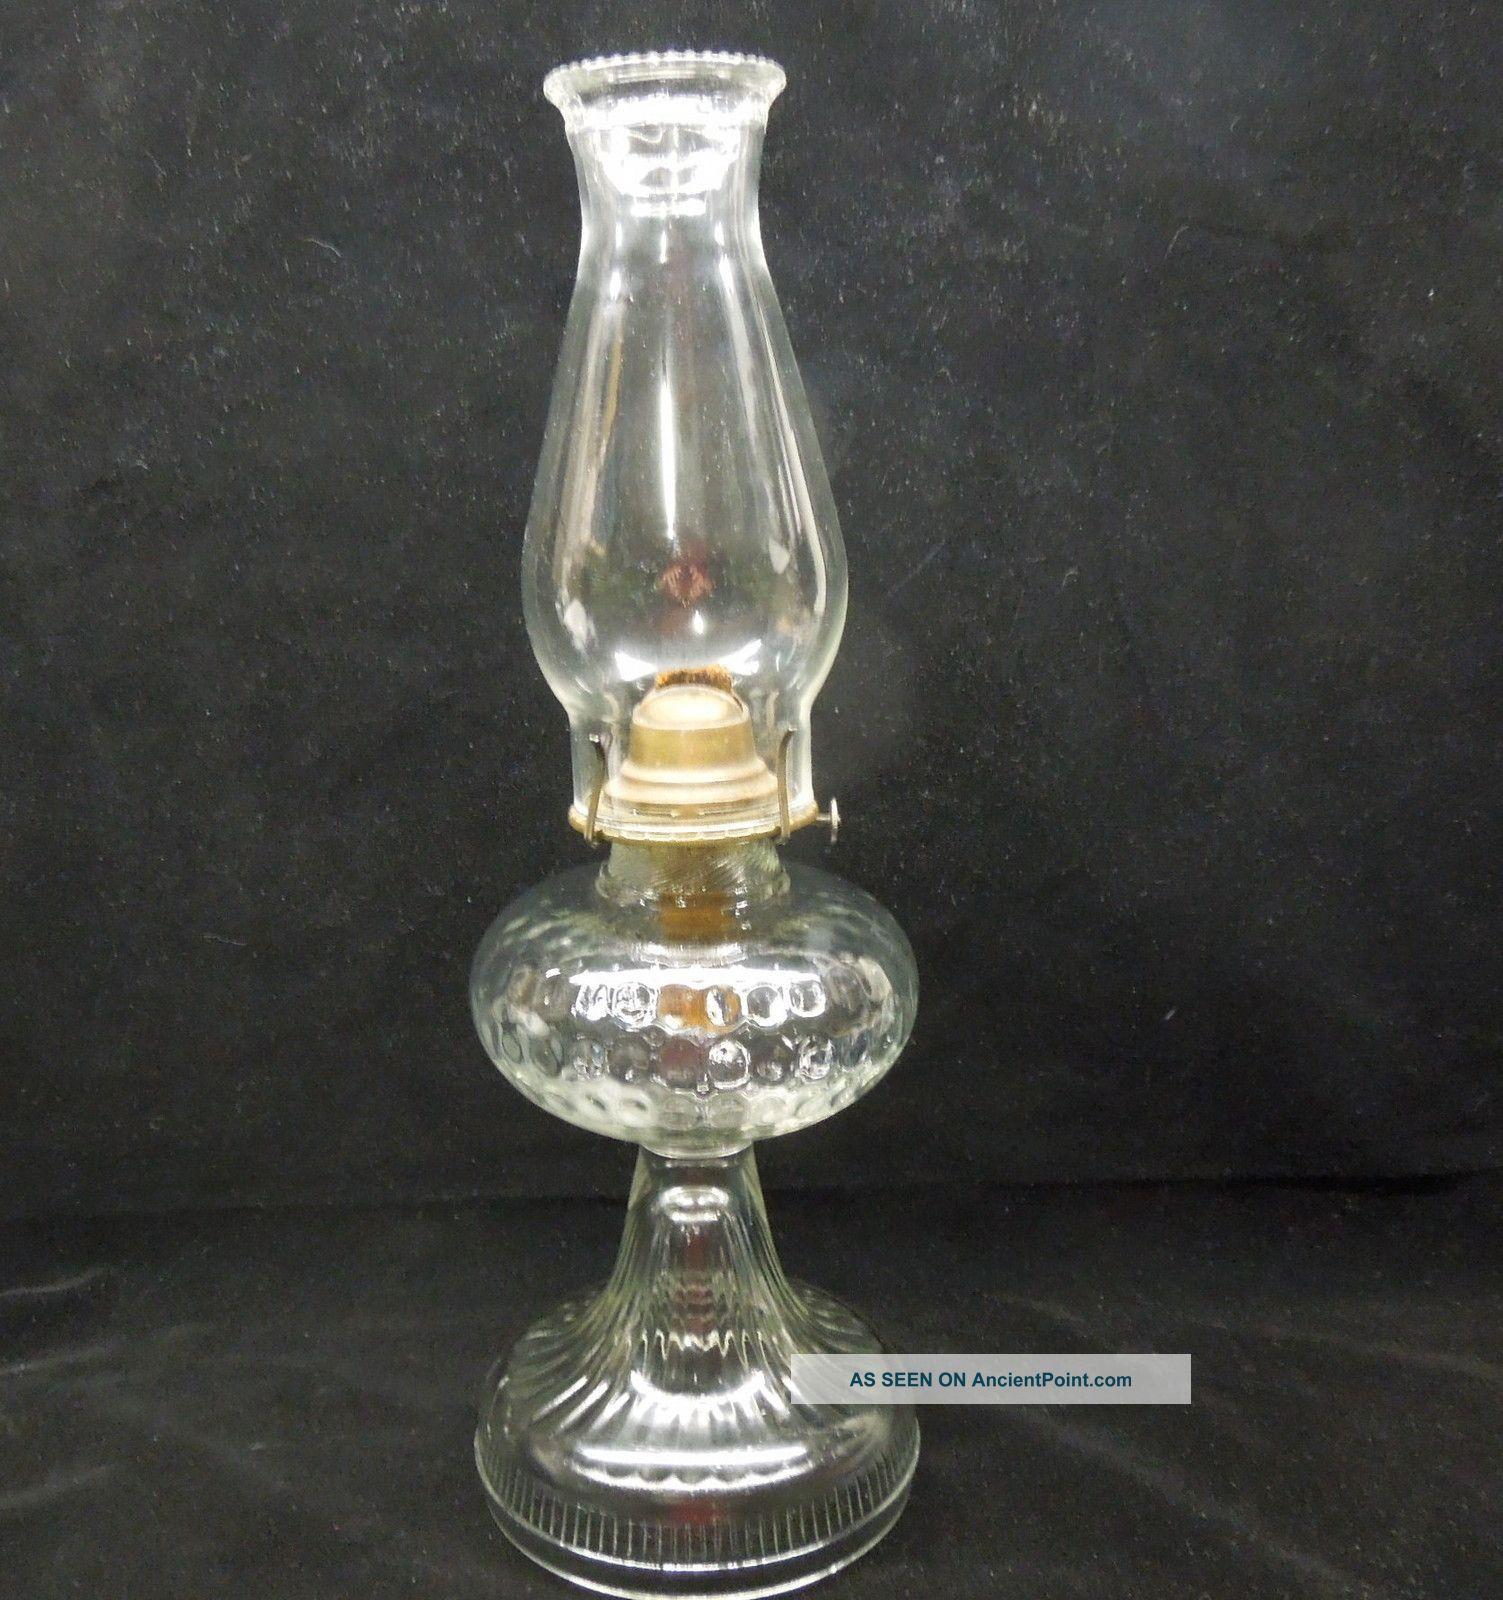 New 48 Antique Kerosene Oil Lamps Oil Lamps